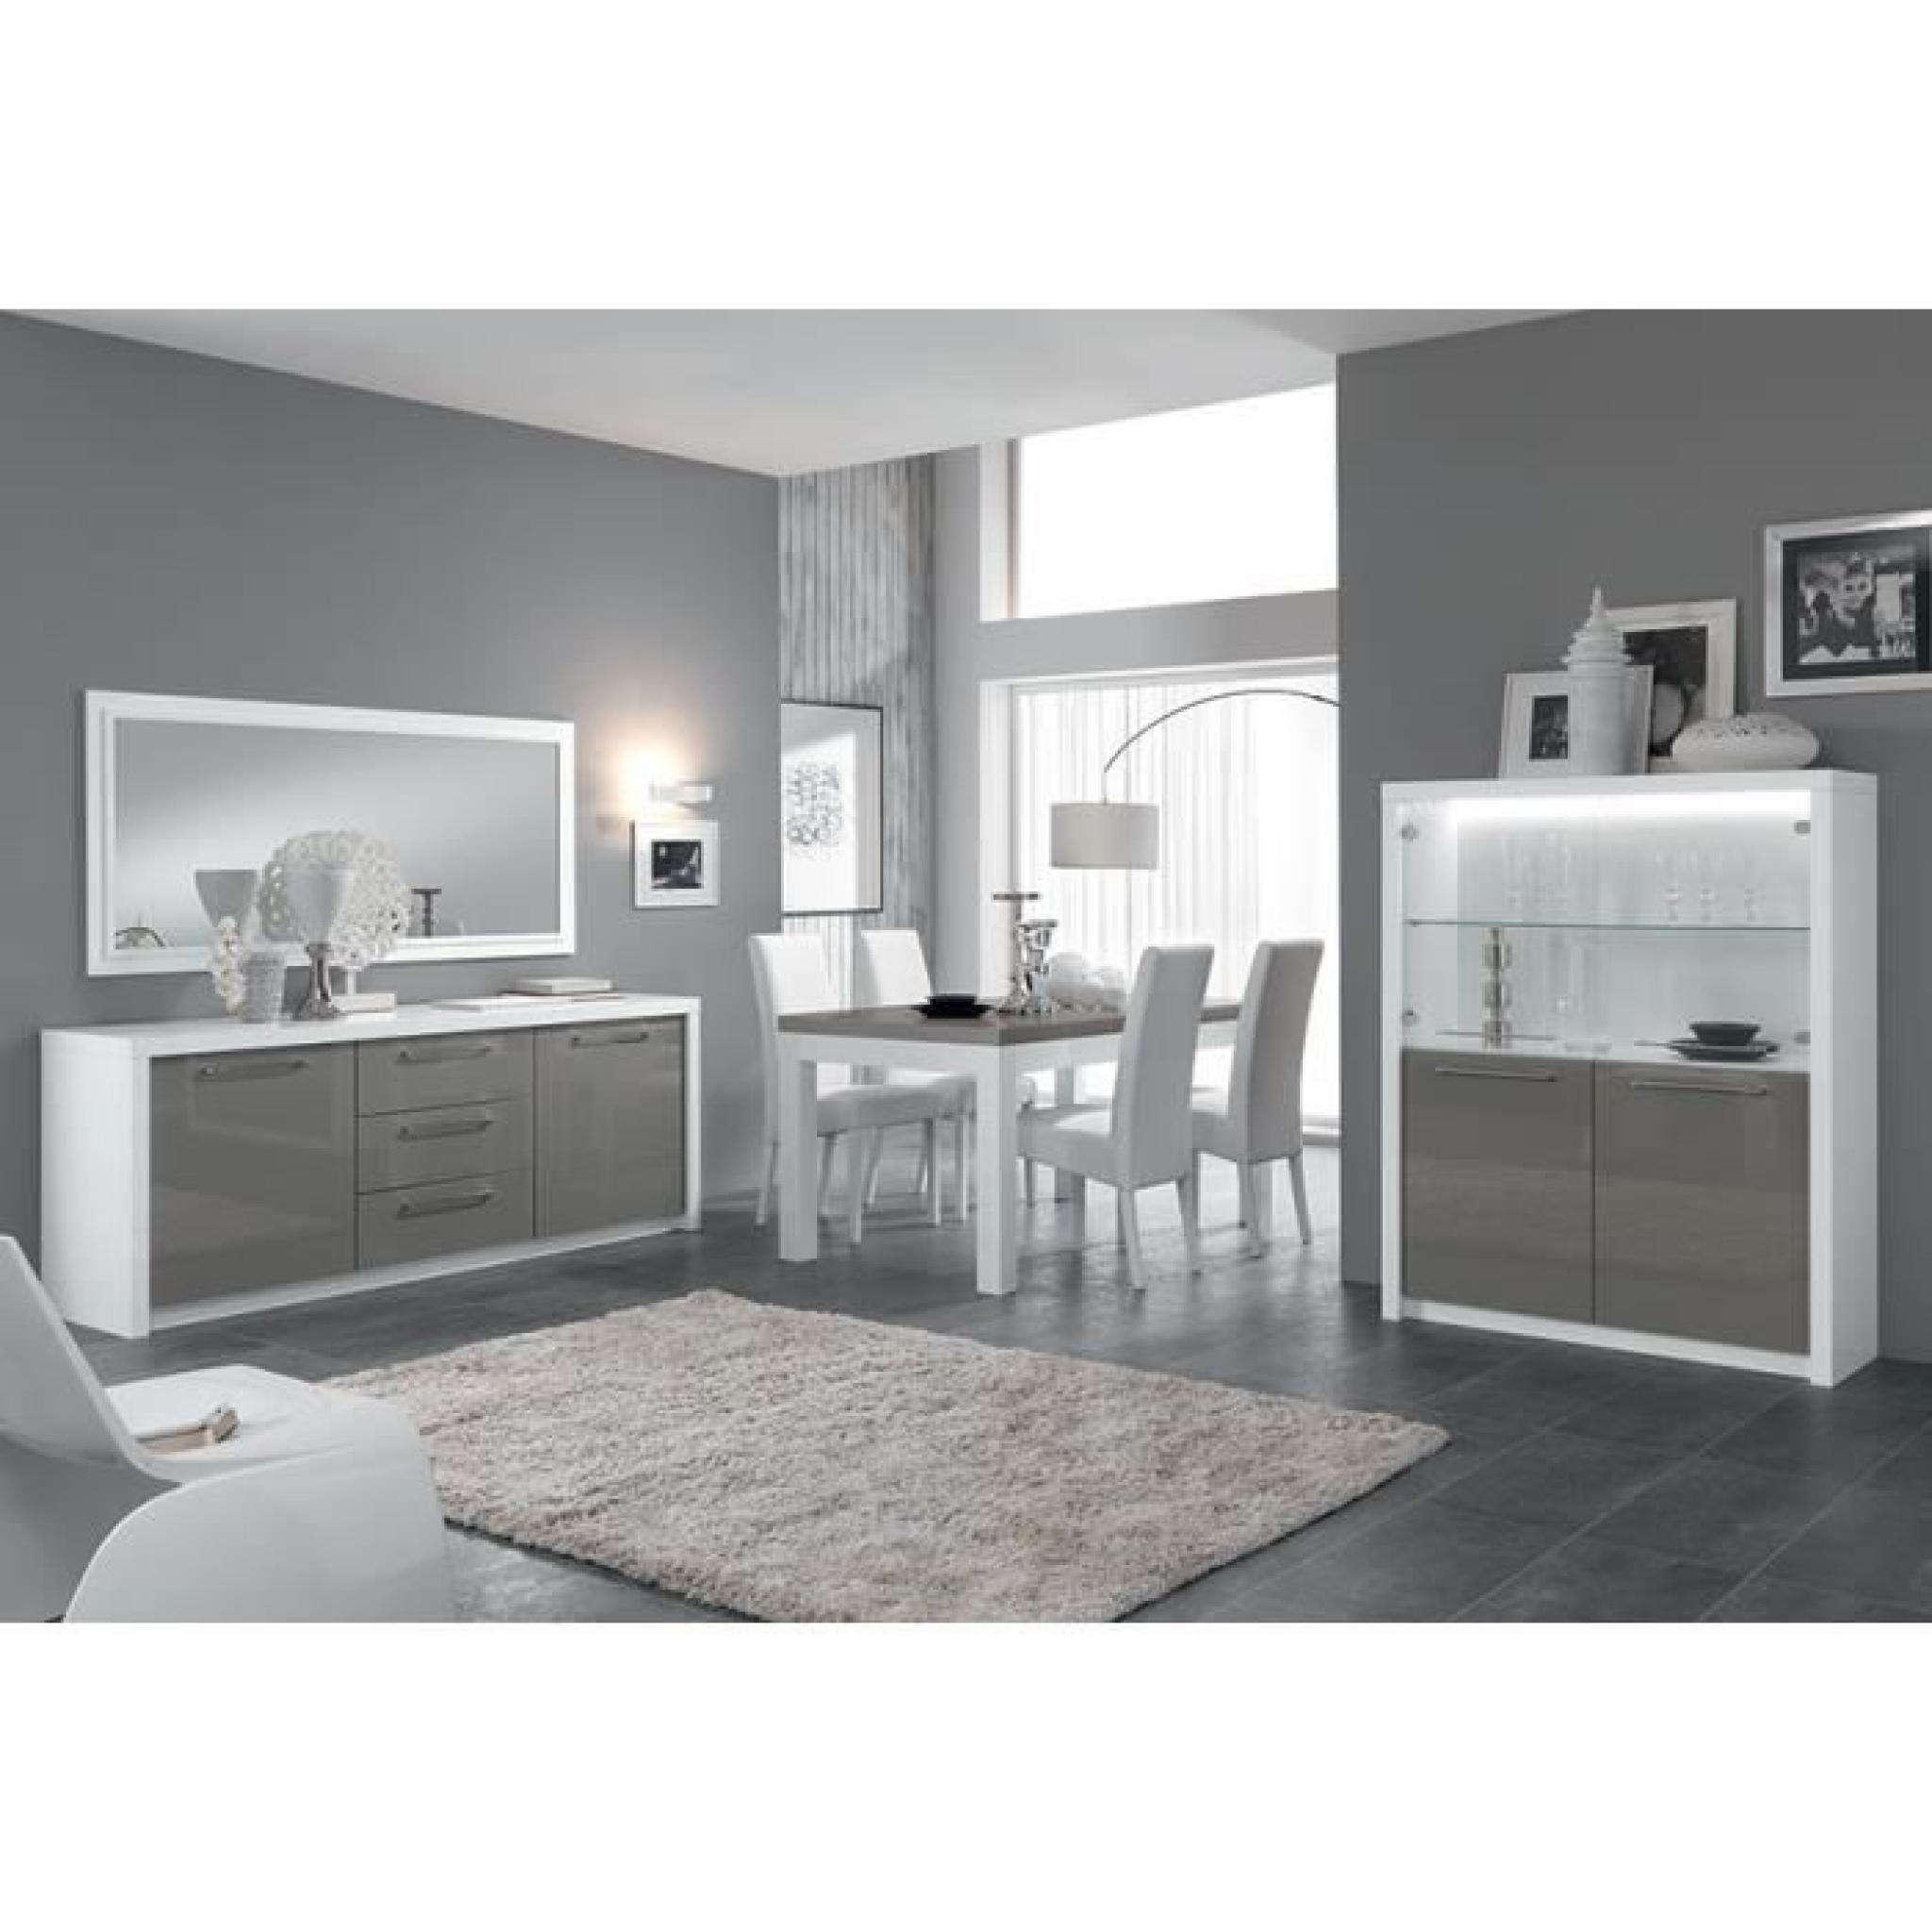 Salle à manger complète blanc et gris laqué design MARIELA 2 (table+buffet)  Table 160 cm